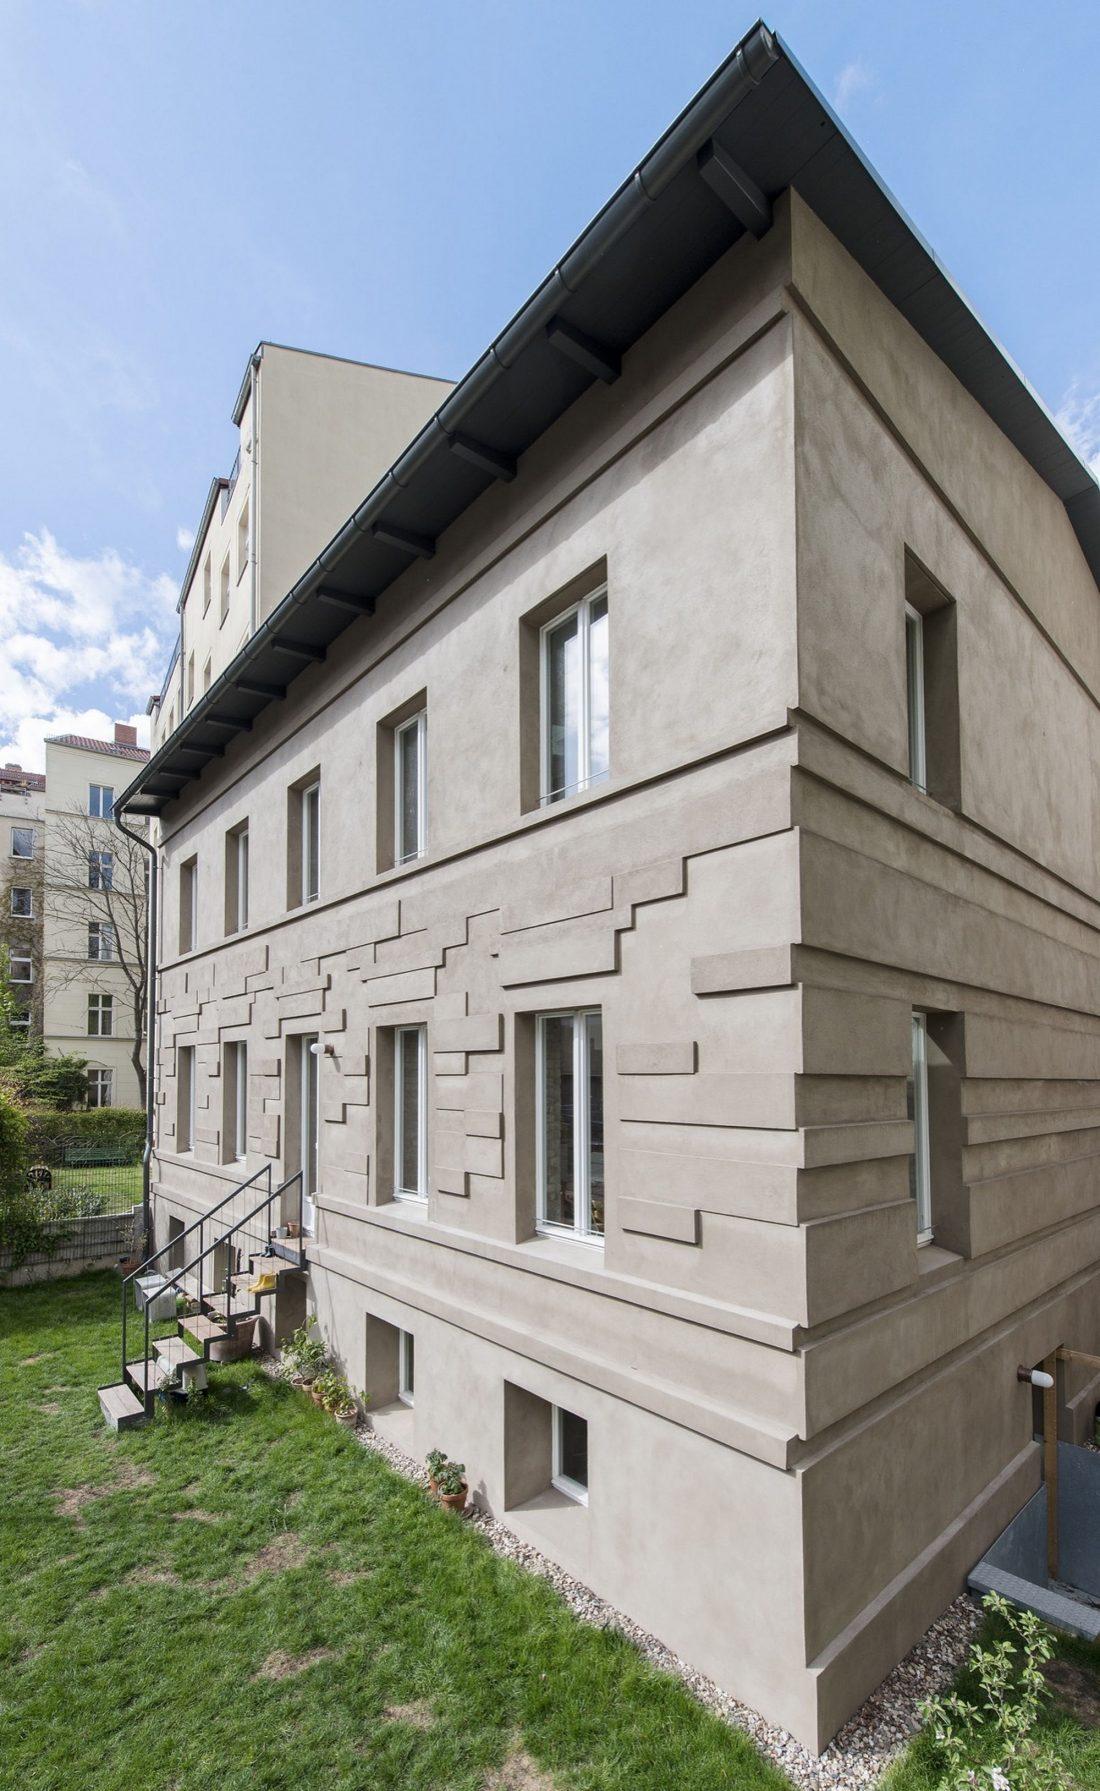 rekonstruktsiya-starinnogo-zdaniya-v-berline-po-proektu-asdfg-architekten-8